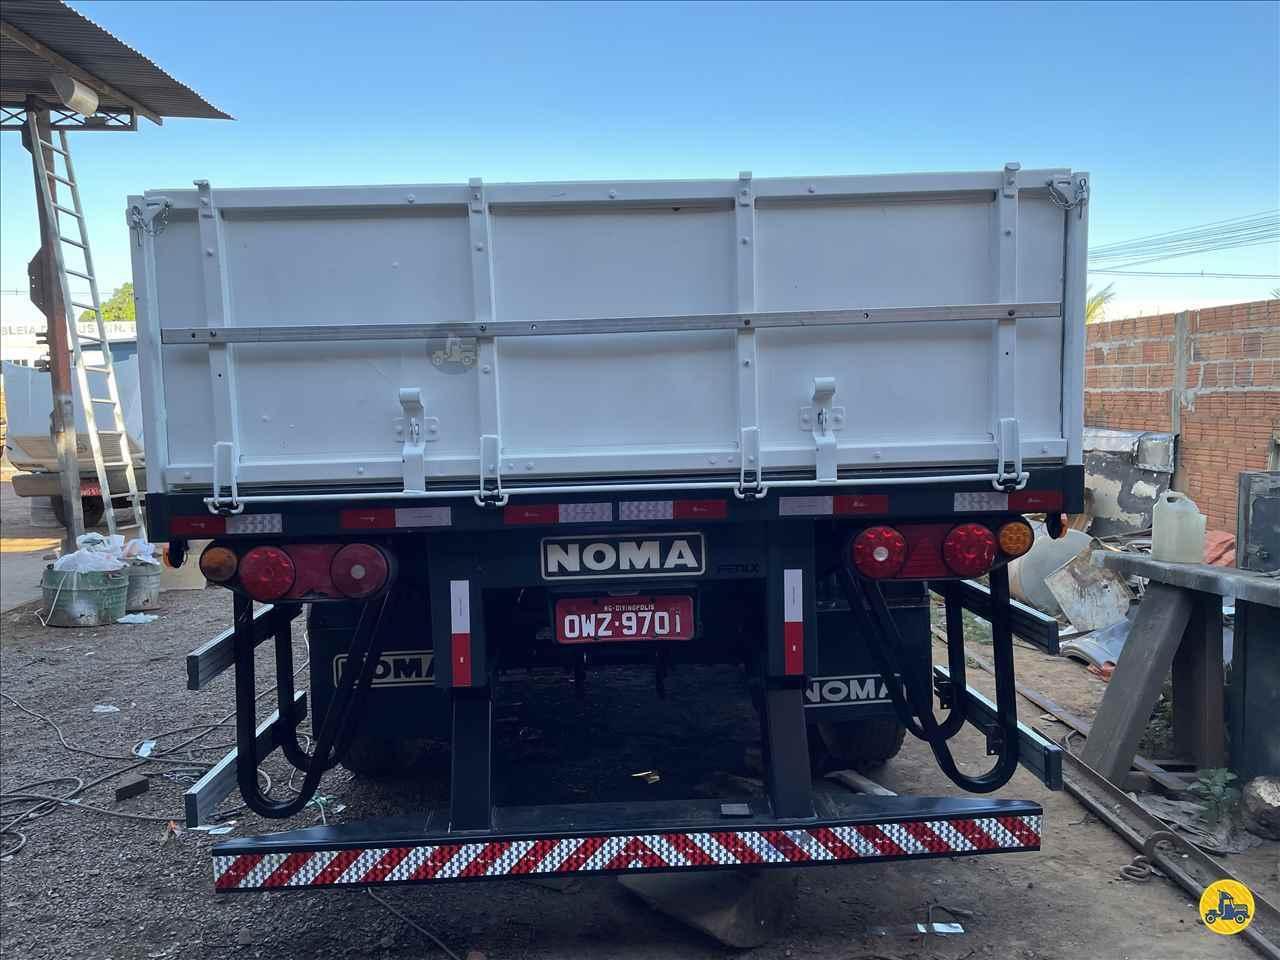 CARRETA SEMI-REBOQUE CARGA SECA Trujillo Transportes TRES LAGOAS MATO GROSSO DO SUL MS